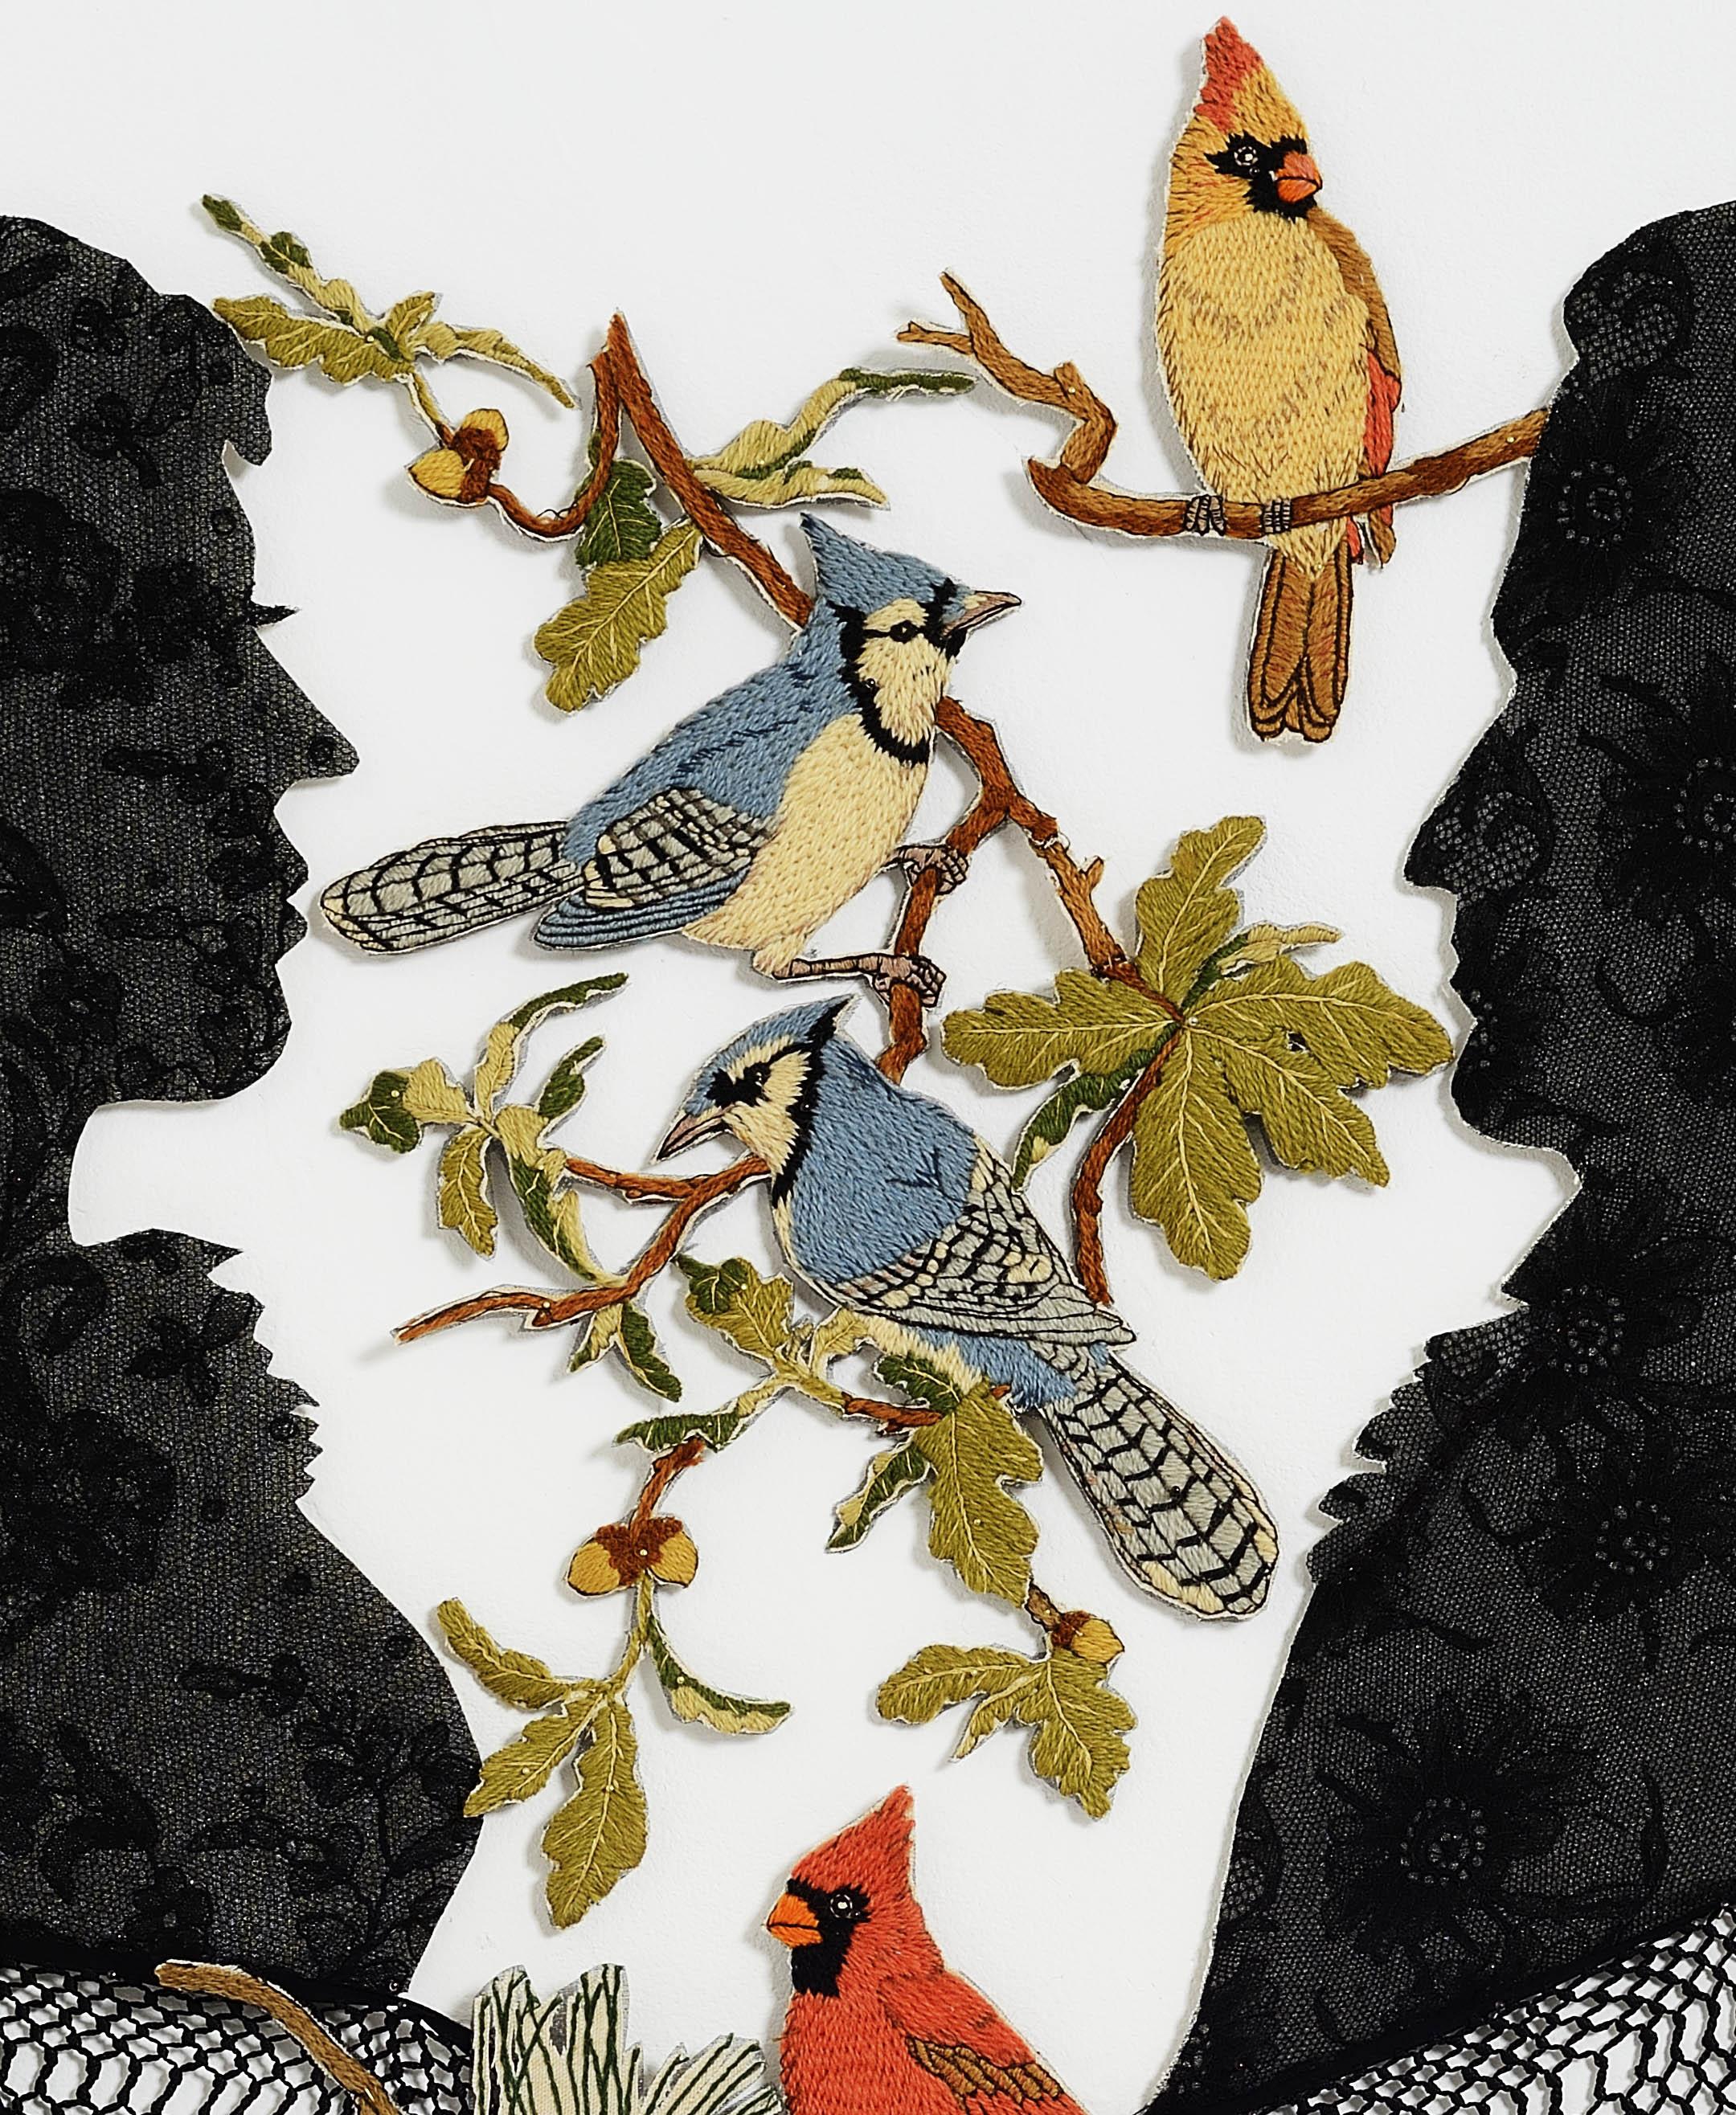 Detail- Silhouettes (the Audubon Suite) after Thomas Edwards 1825